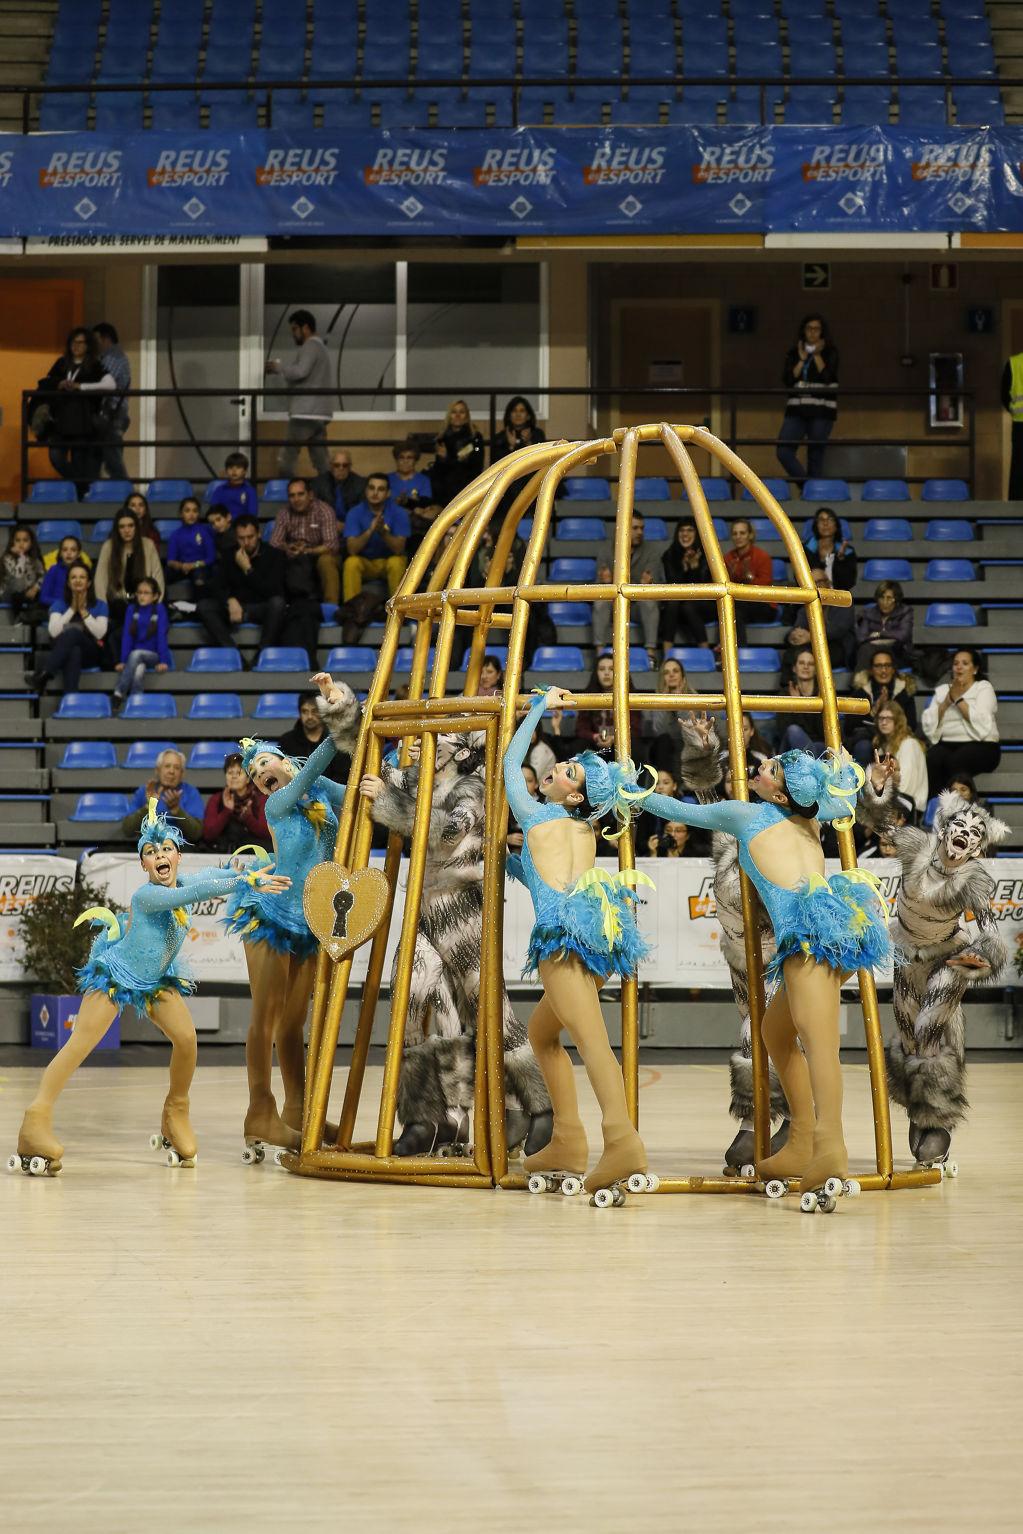 cc9b5-10_patordera-show-juvenil-reus.JPG